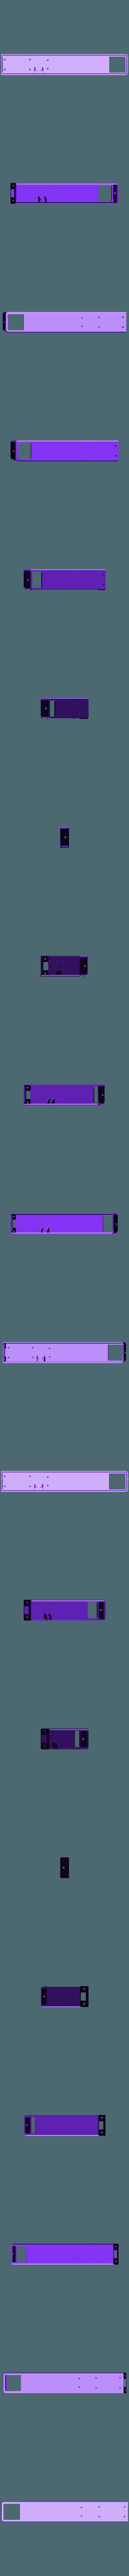 neck-bottom.stl Download free STL file MX MIDI Guitar • 3D print model, Adafruit